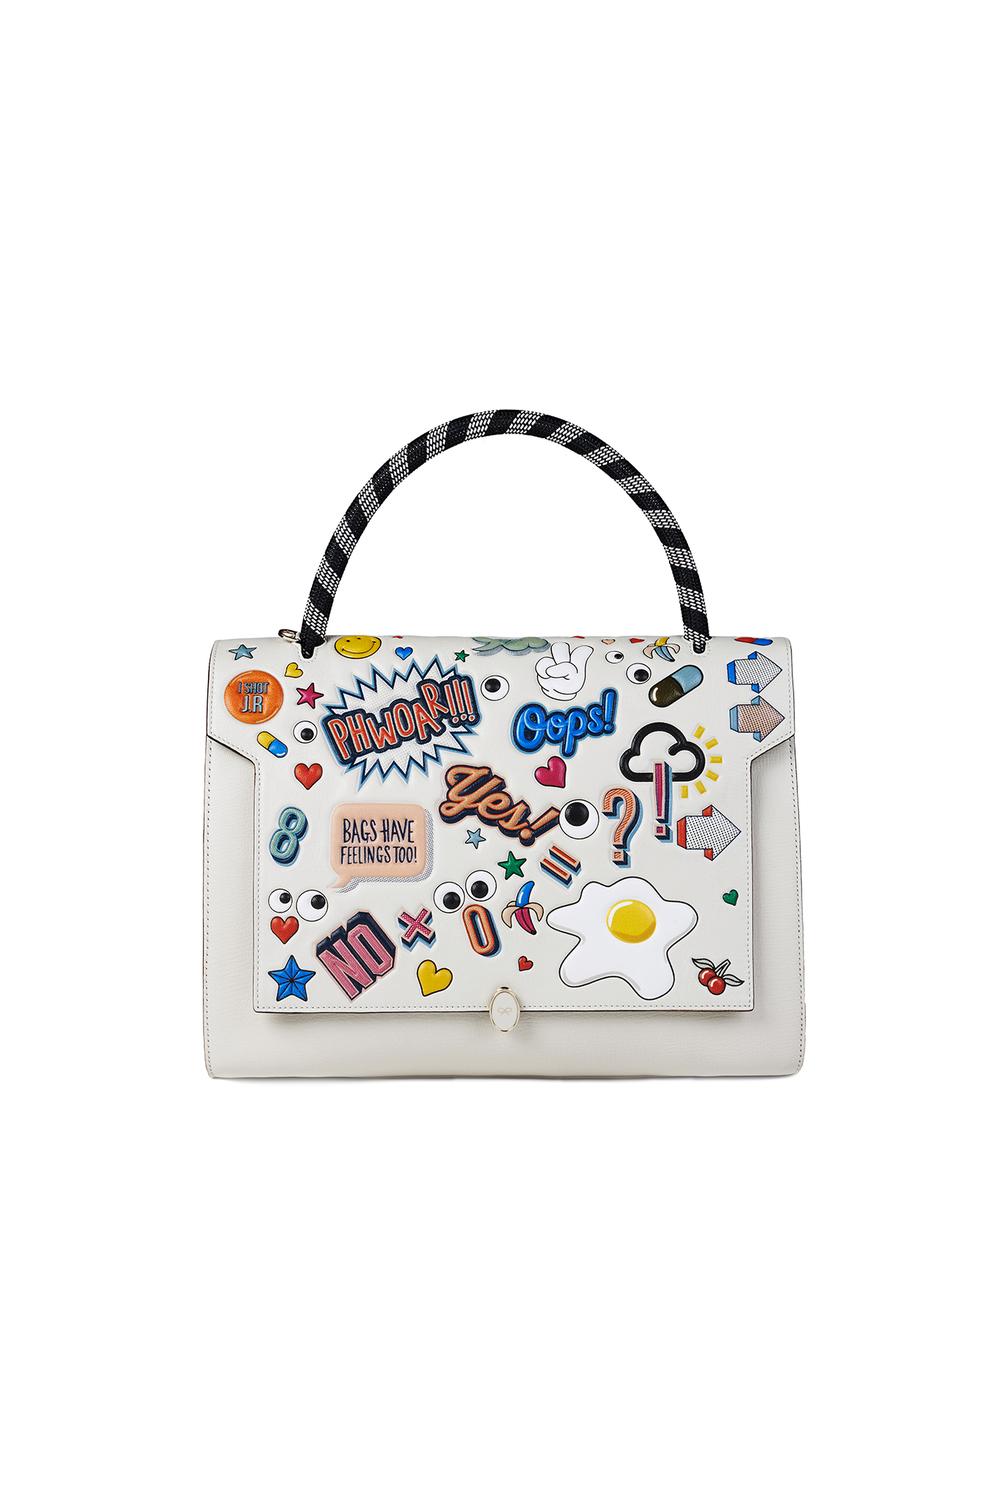 04-05-bags.jpg